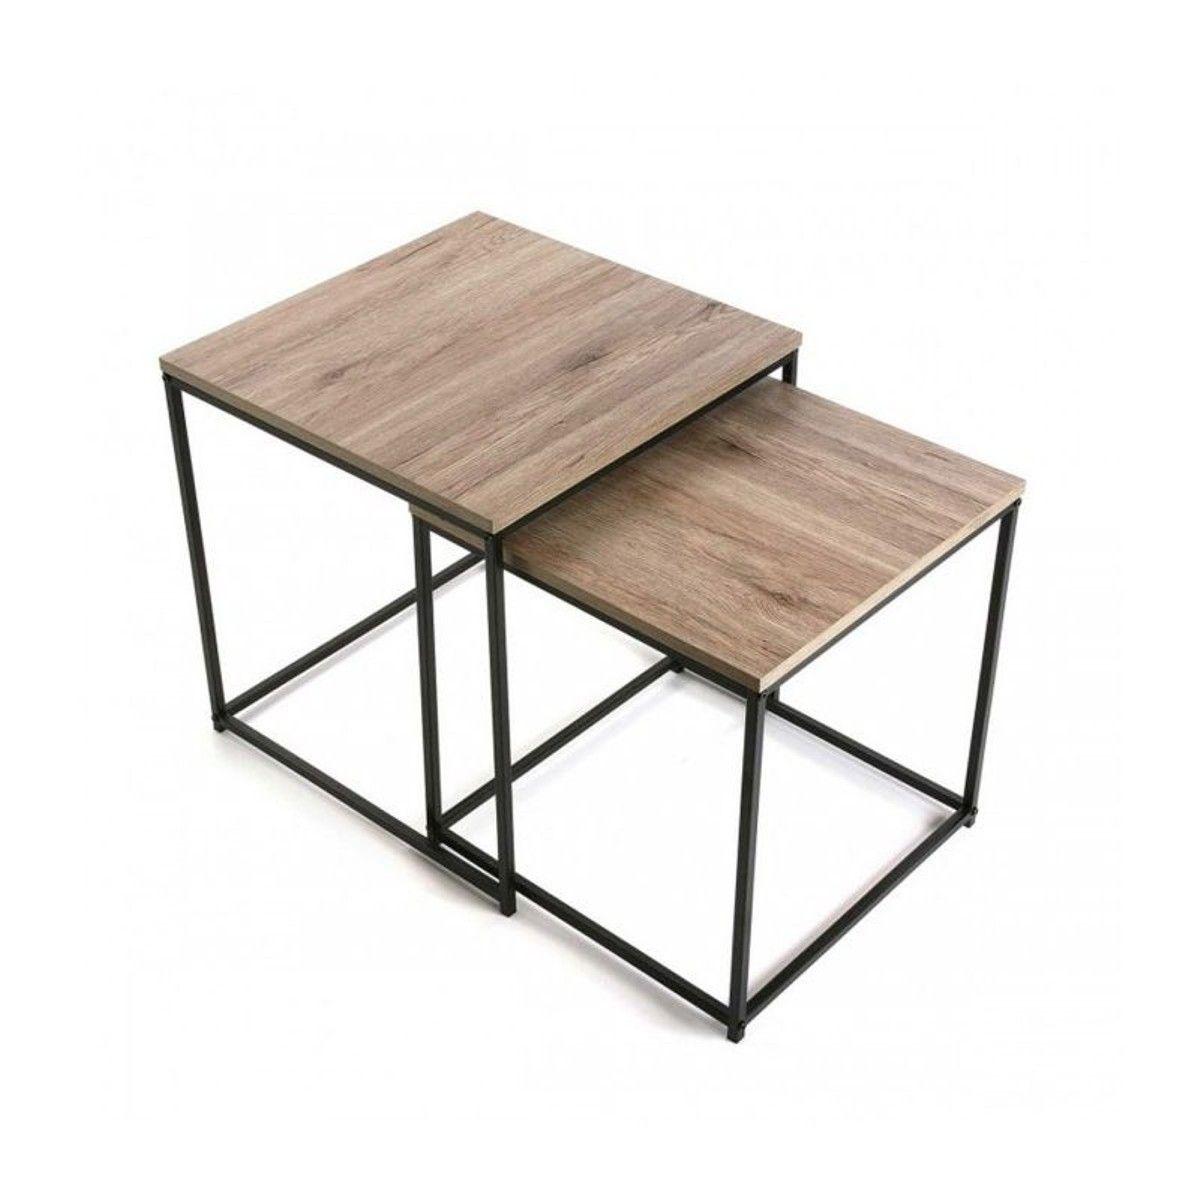 set de deux tables basses gigognes en bois et mtal noir ce jeu de 2 tables basses apporte une touche dco chaleureuse pratique vous pouvez glisser la